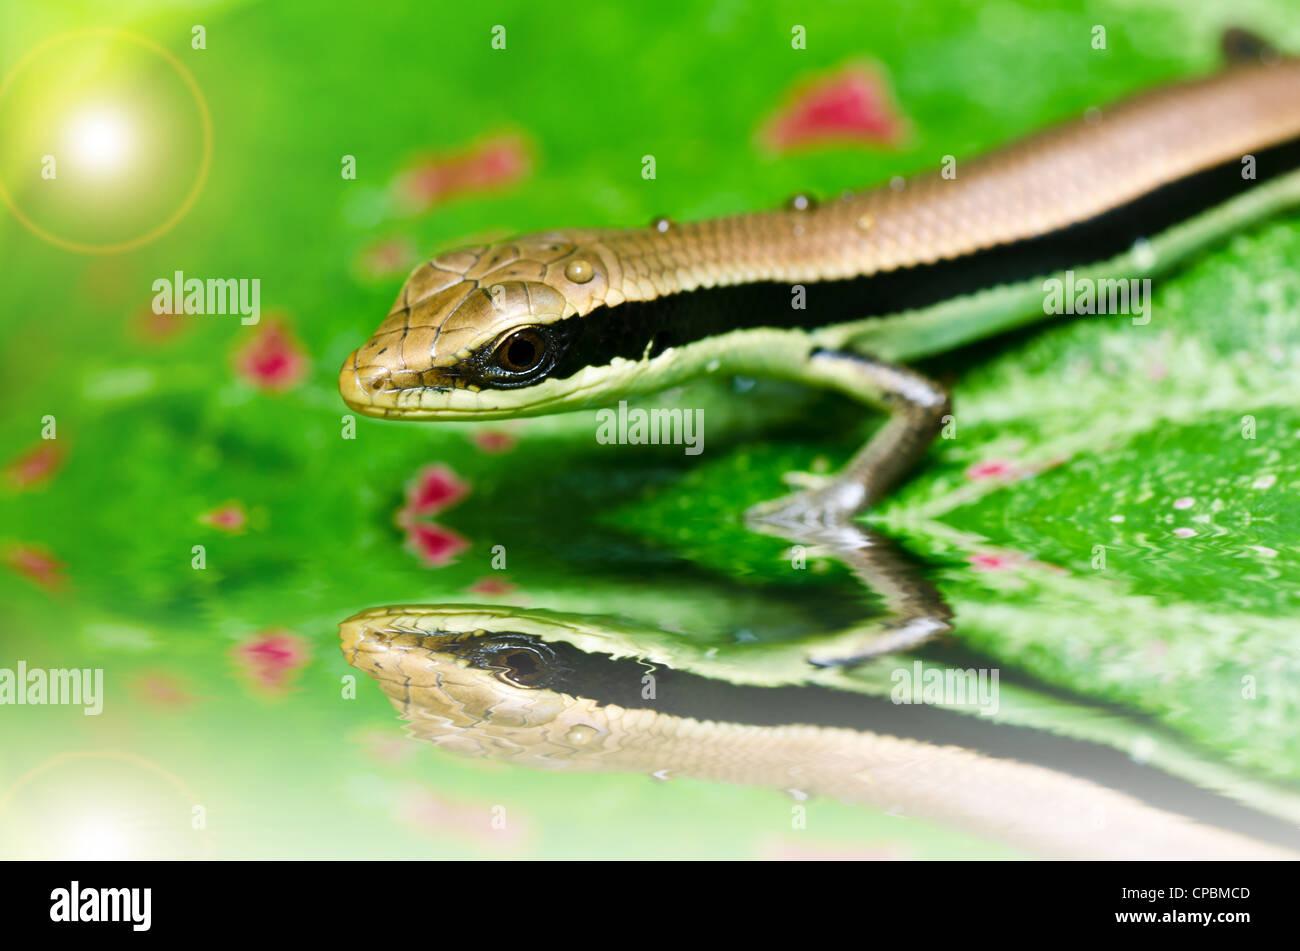 Nascondi Skink in giardino o nel verde della natura Immagini Stock